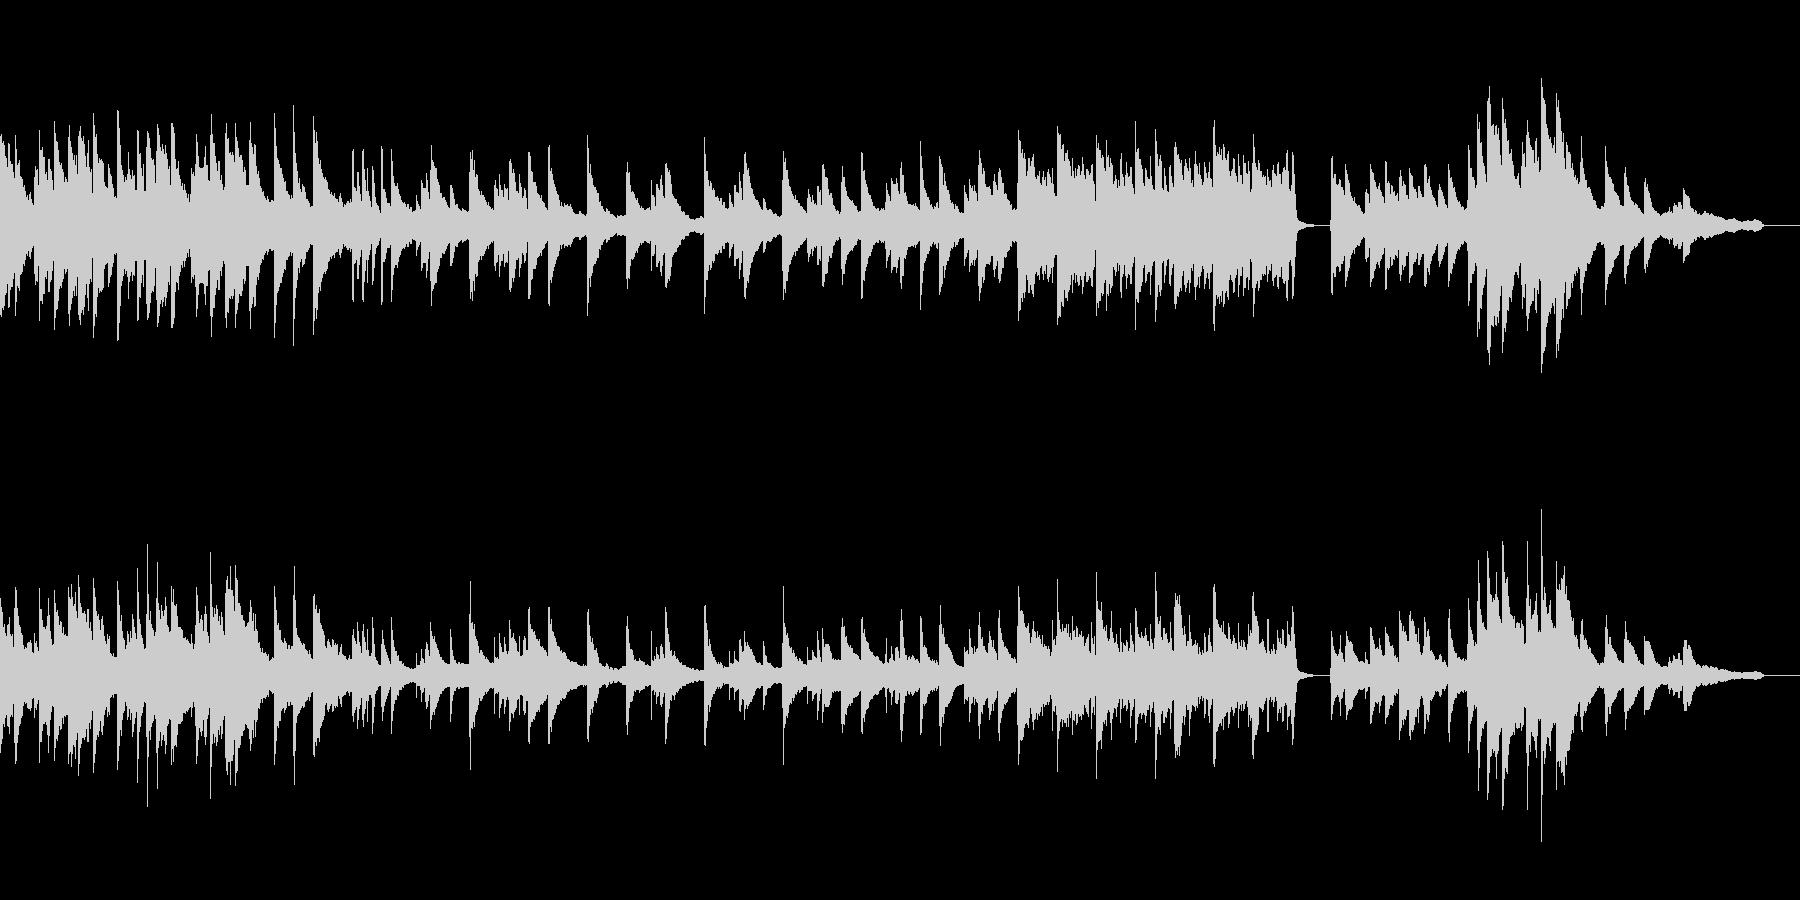 【感動のワンシーンに!】優しいピアノ曲の未再生の波形